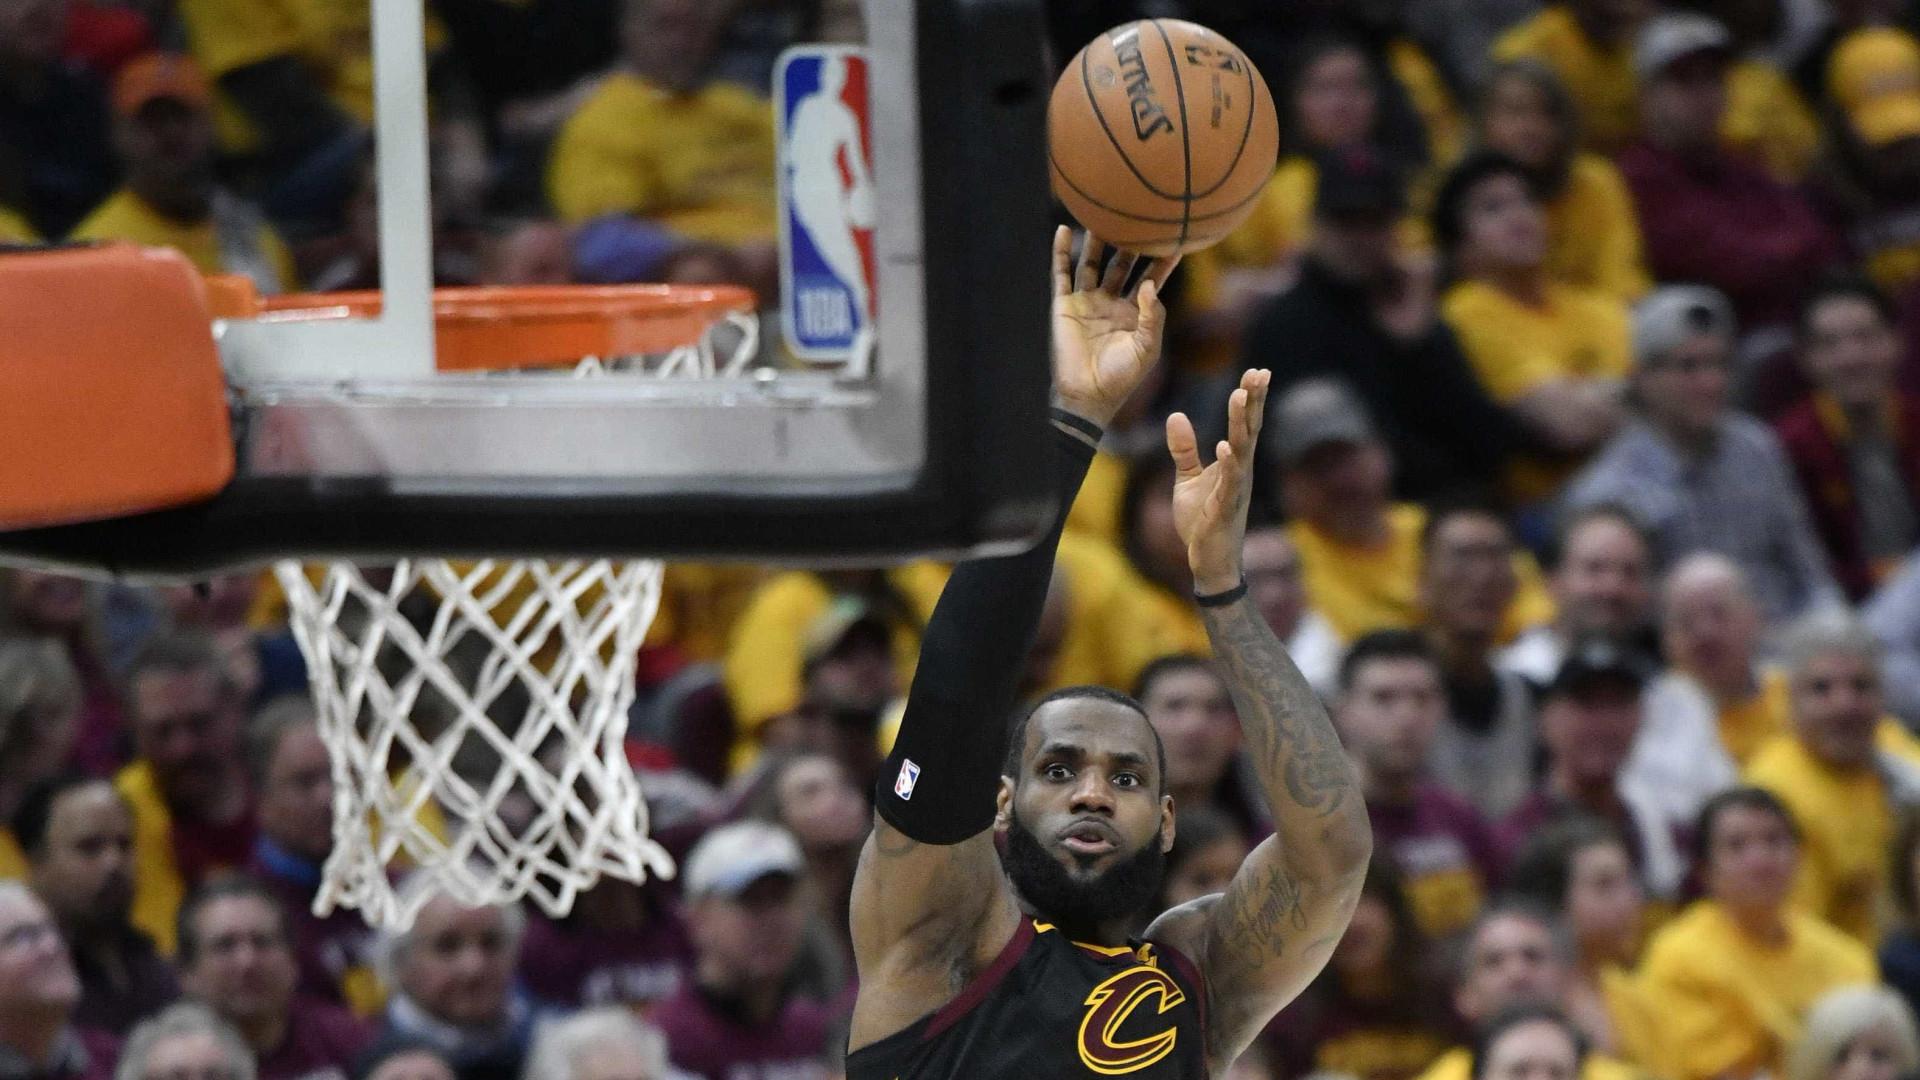 Finais da Conferência Leste da NBA começam neste domingo